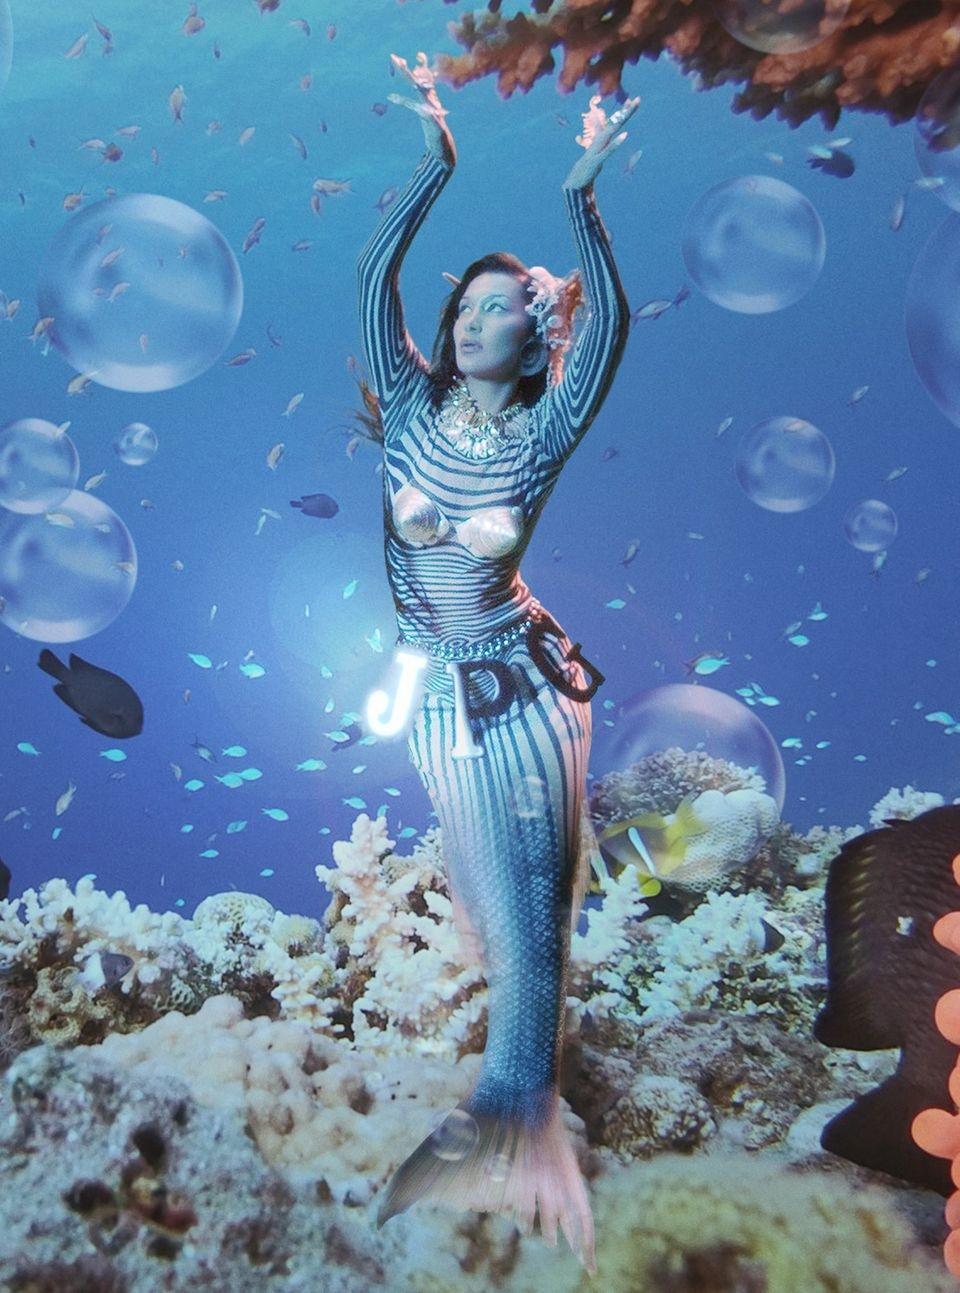 Белла Хадид в образе русалки представила новую коллекцию Jean Paul Gaultier - фото №1